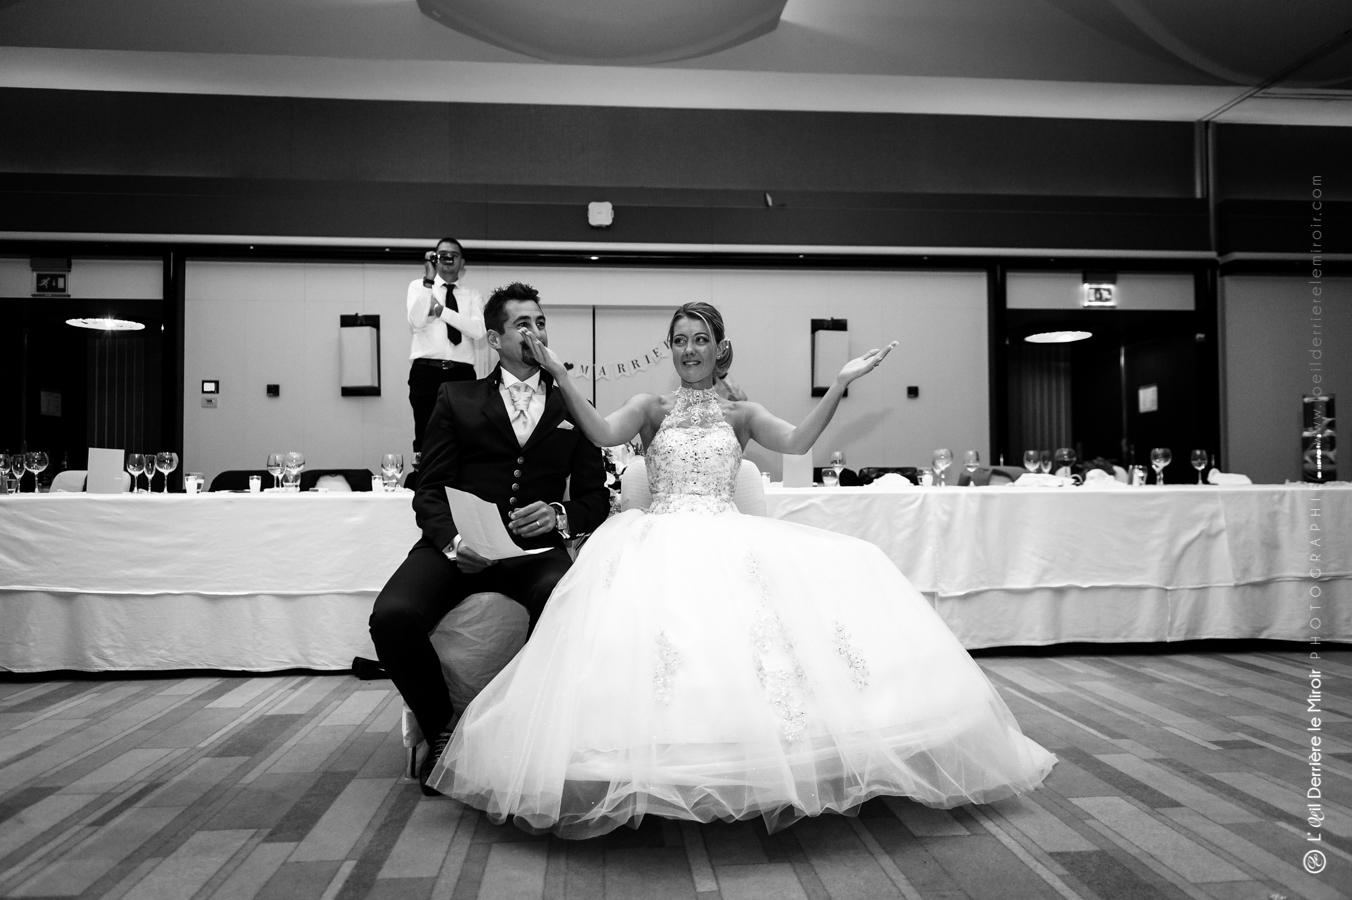 Photographe-mariage-monaco-loeilderrierelemiroir-105